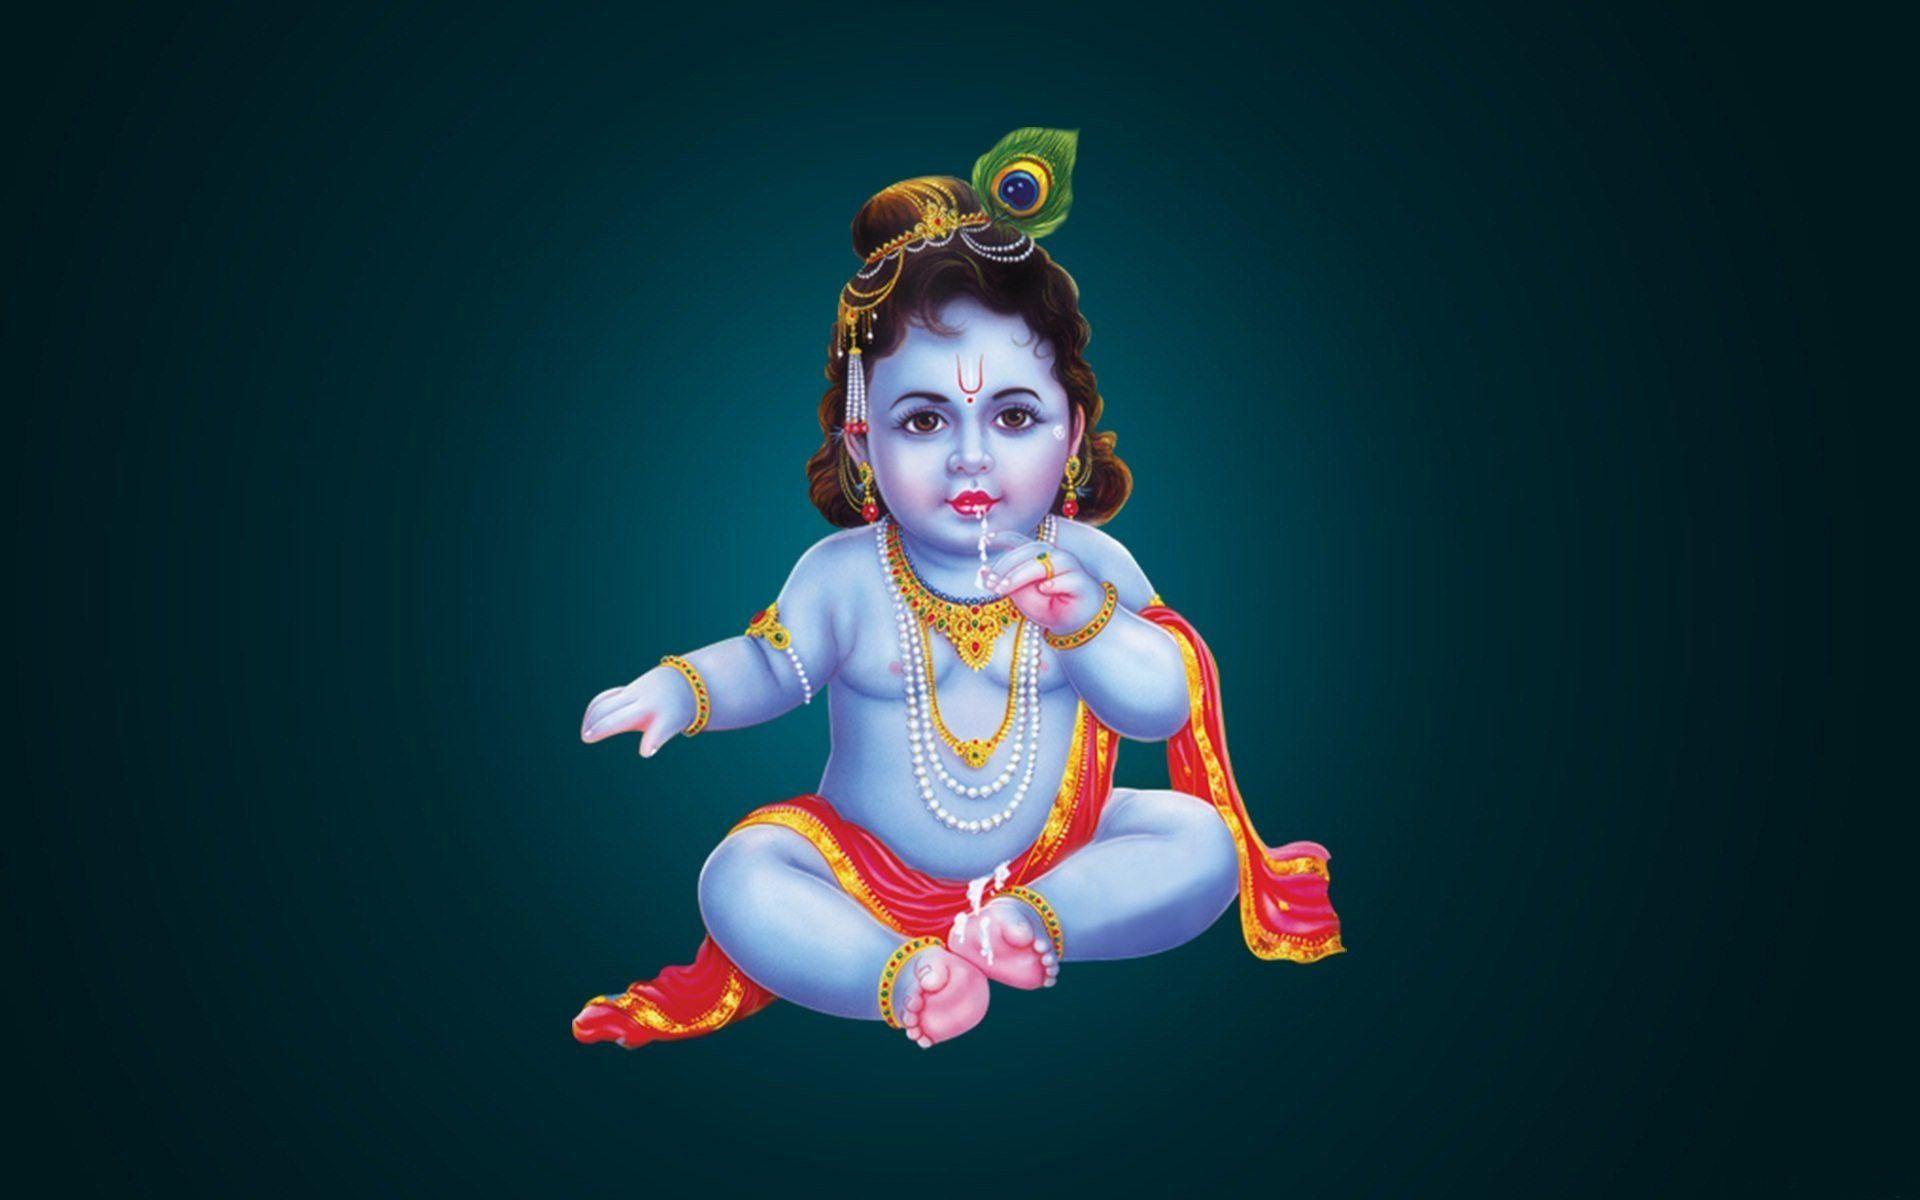 Hd wallpaper krishna - 10 Top Lord Krishna Images Wallpapers God Krishna Hd Wallpapers